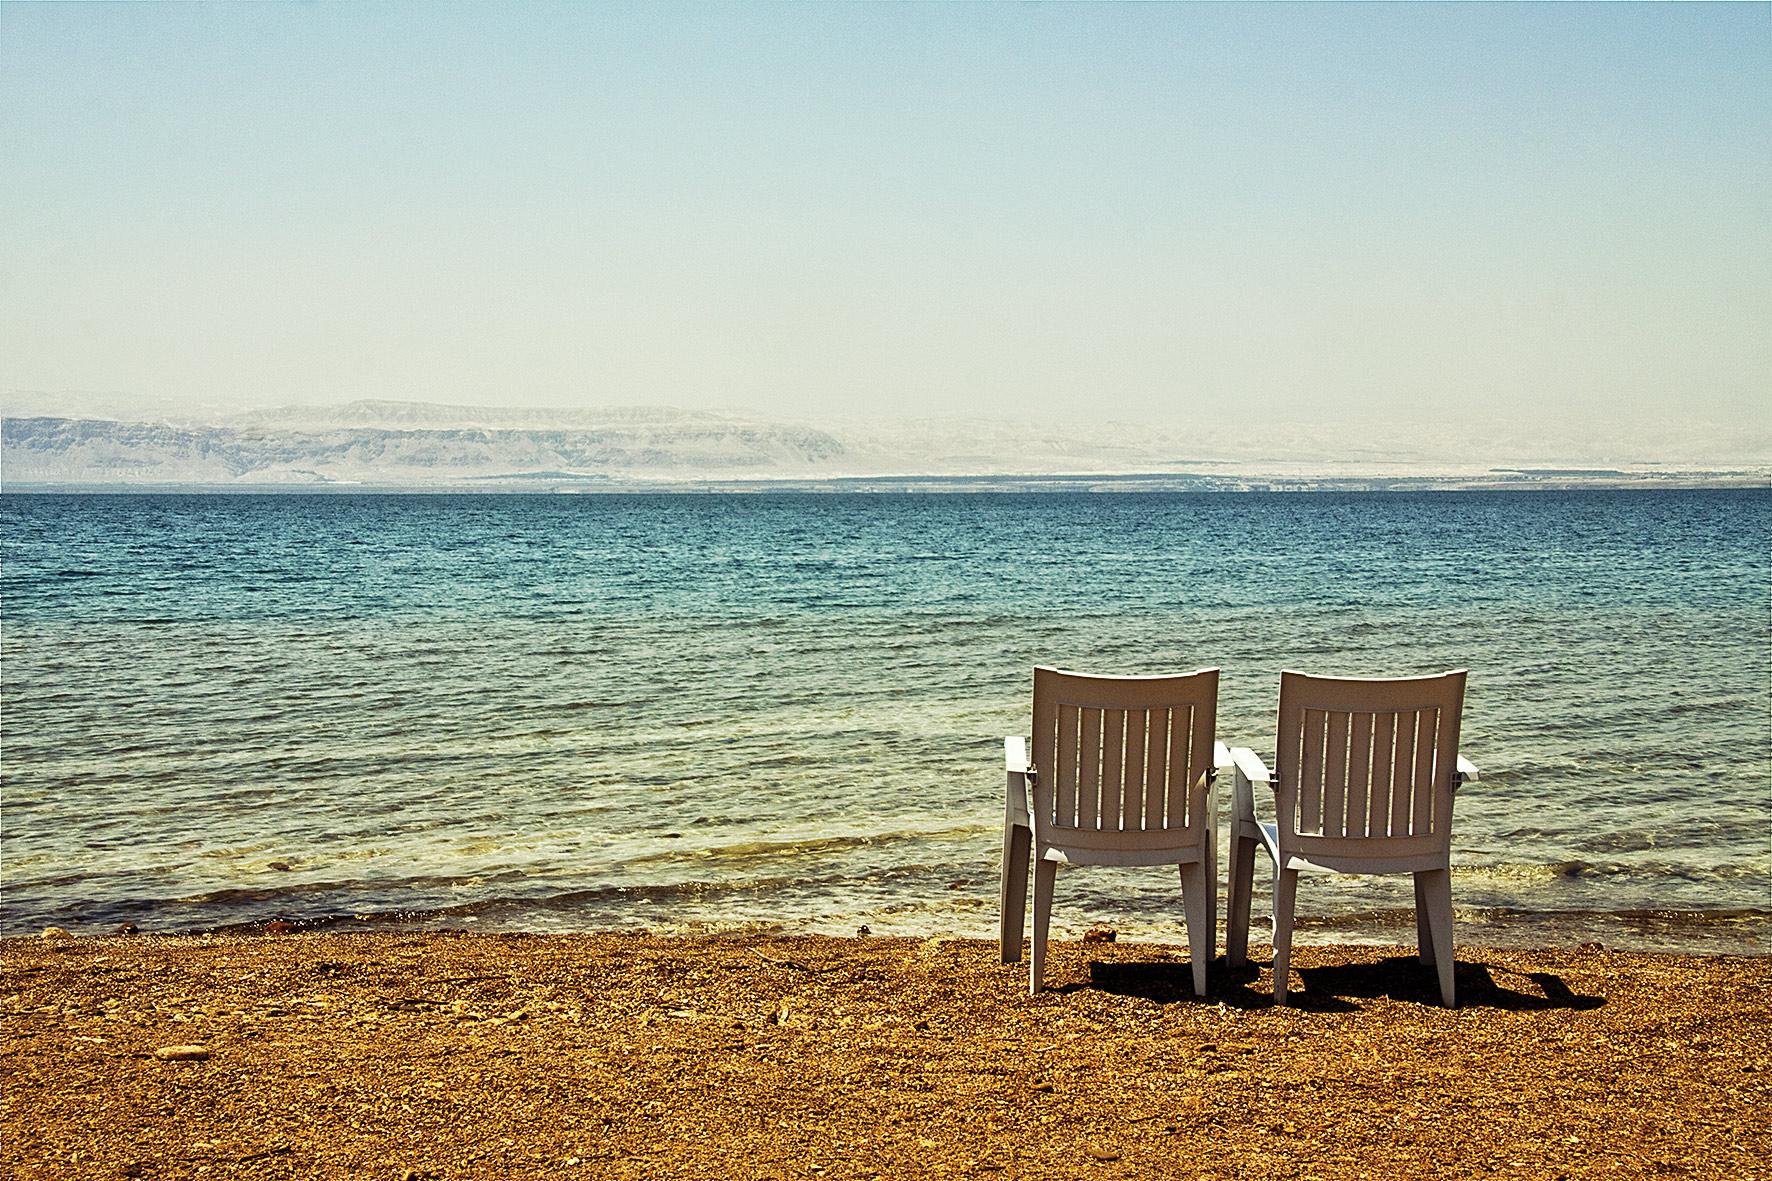 #WYWH1. Jordanie, Dead Sea. 2010